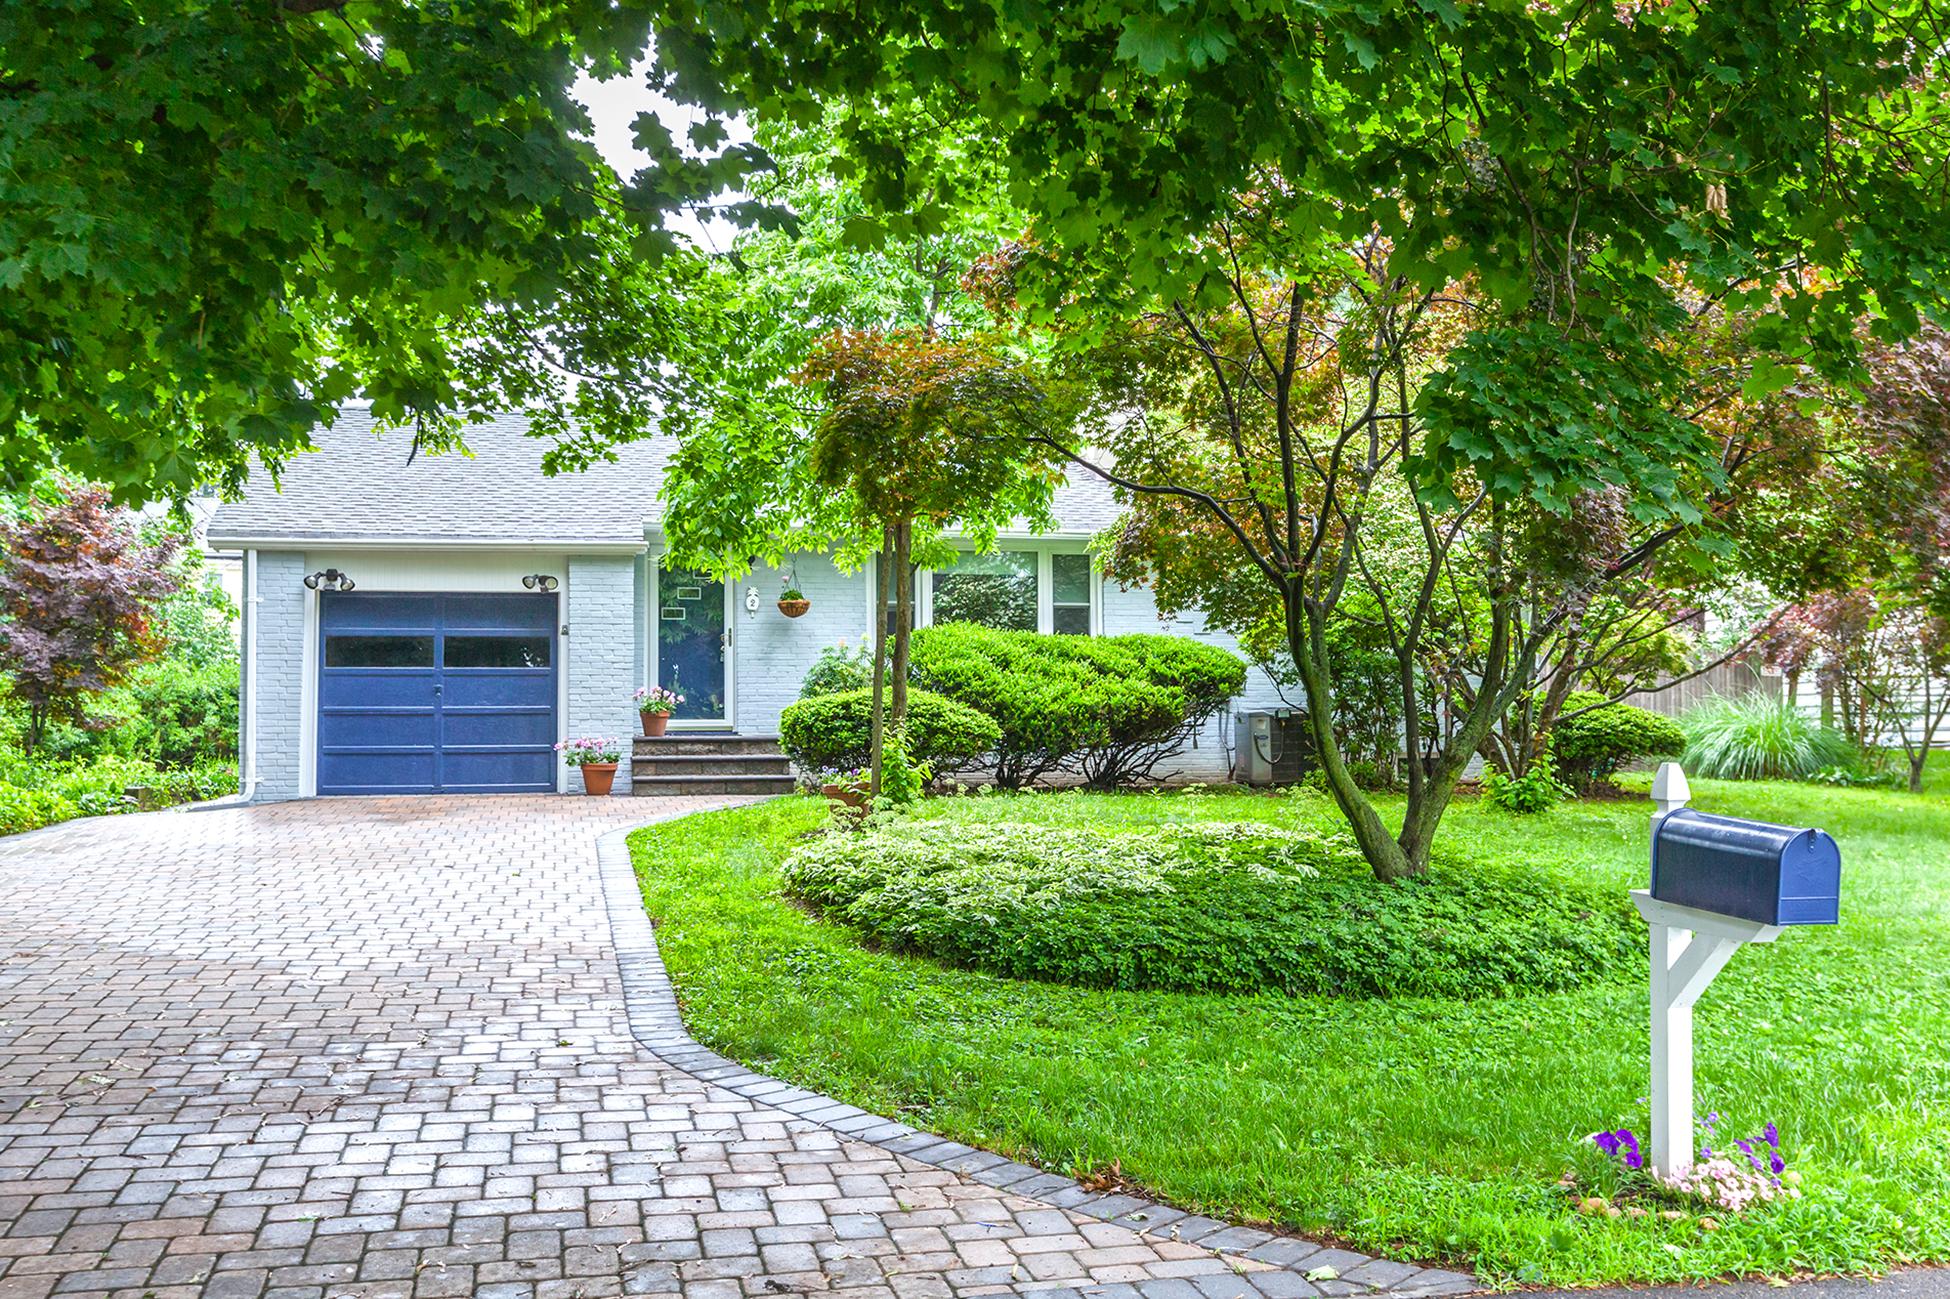 独户住宅 为 销售 在 Zen-like Cottage with Peaceful Gardens and Studio - South Brunswick Township 2 Lakeview Avenue Princeton, 新泽西州 08540 美国